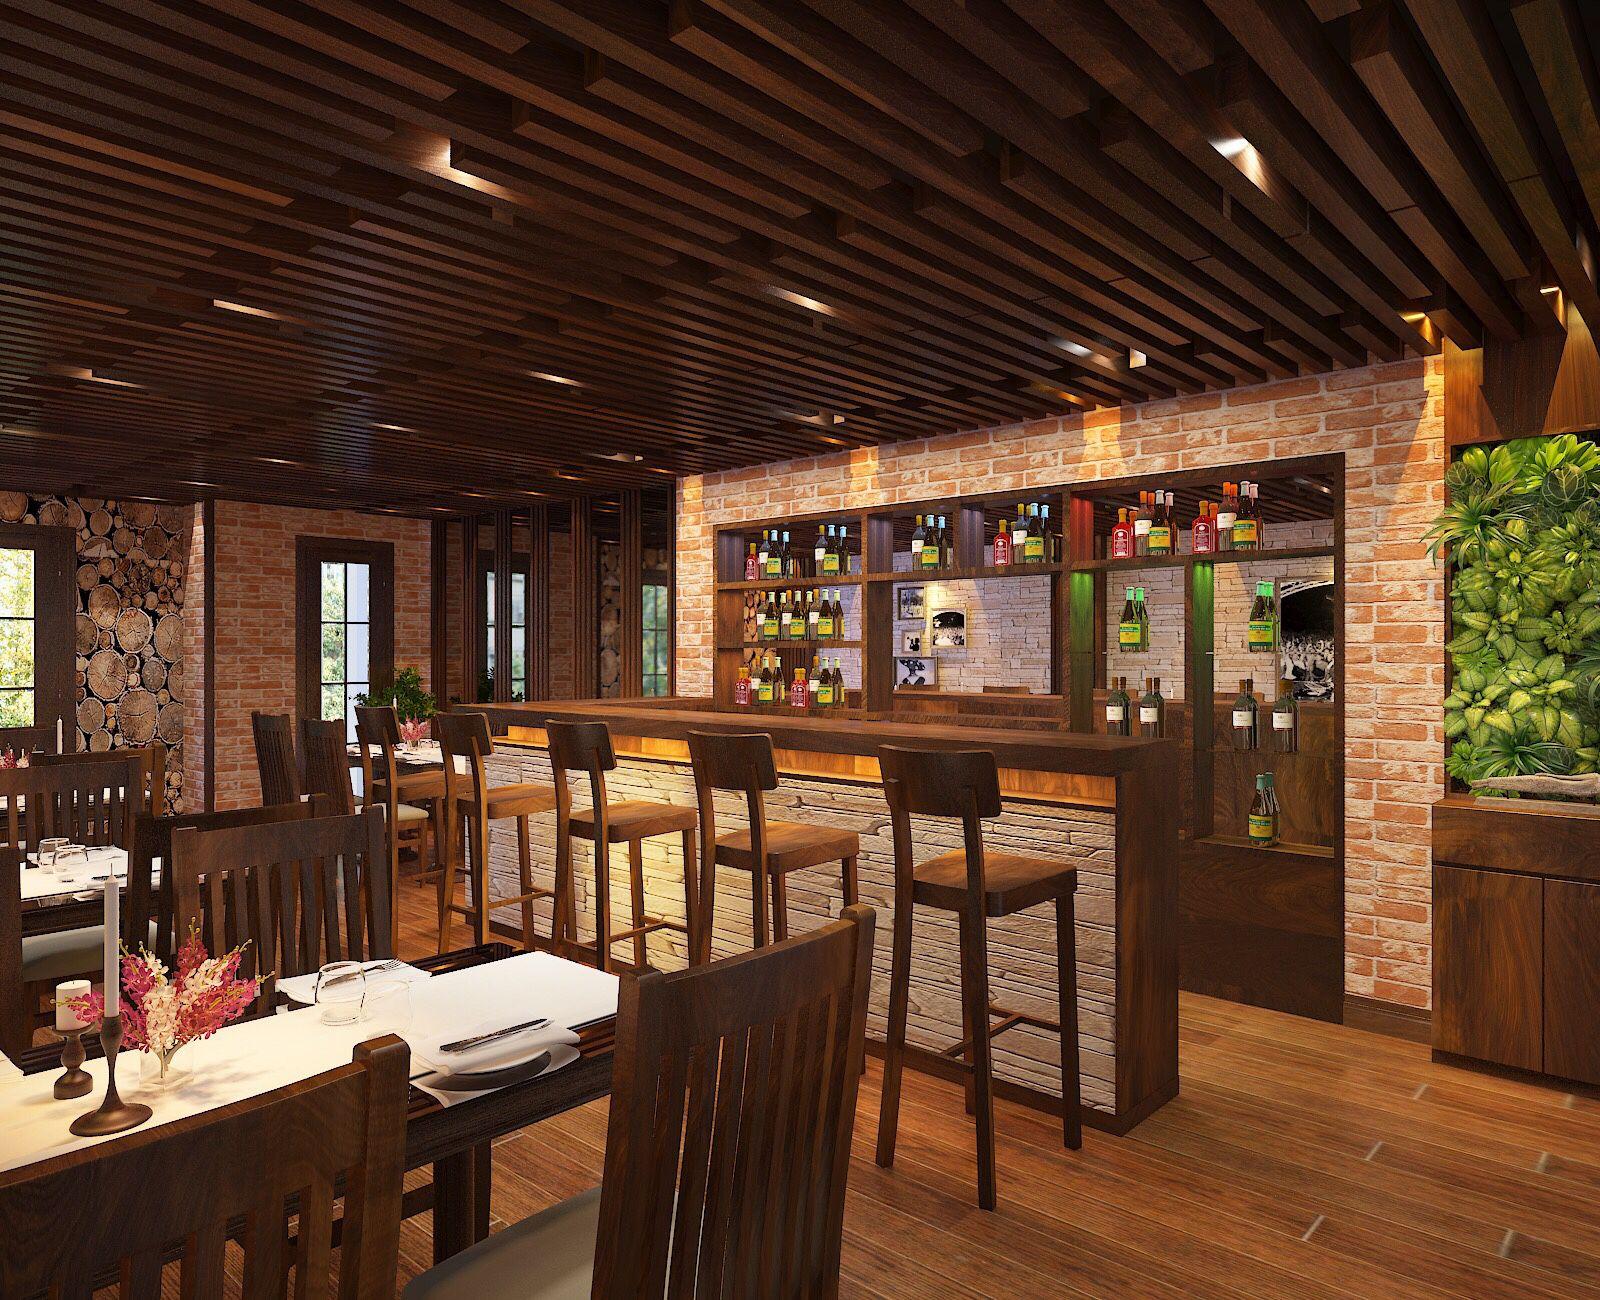 Chất liệu sử dụng trong nội thất nhà hàng thường là gỗ tự nhiên